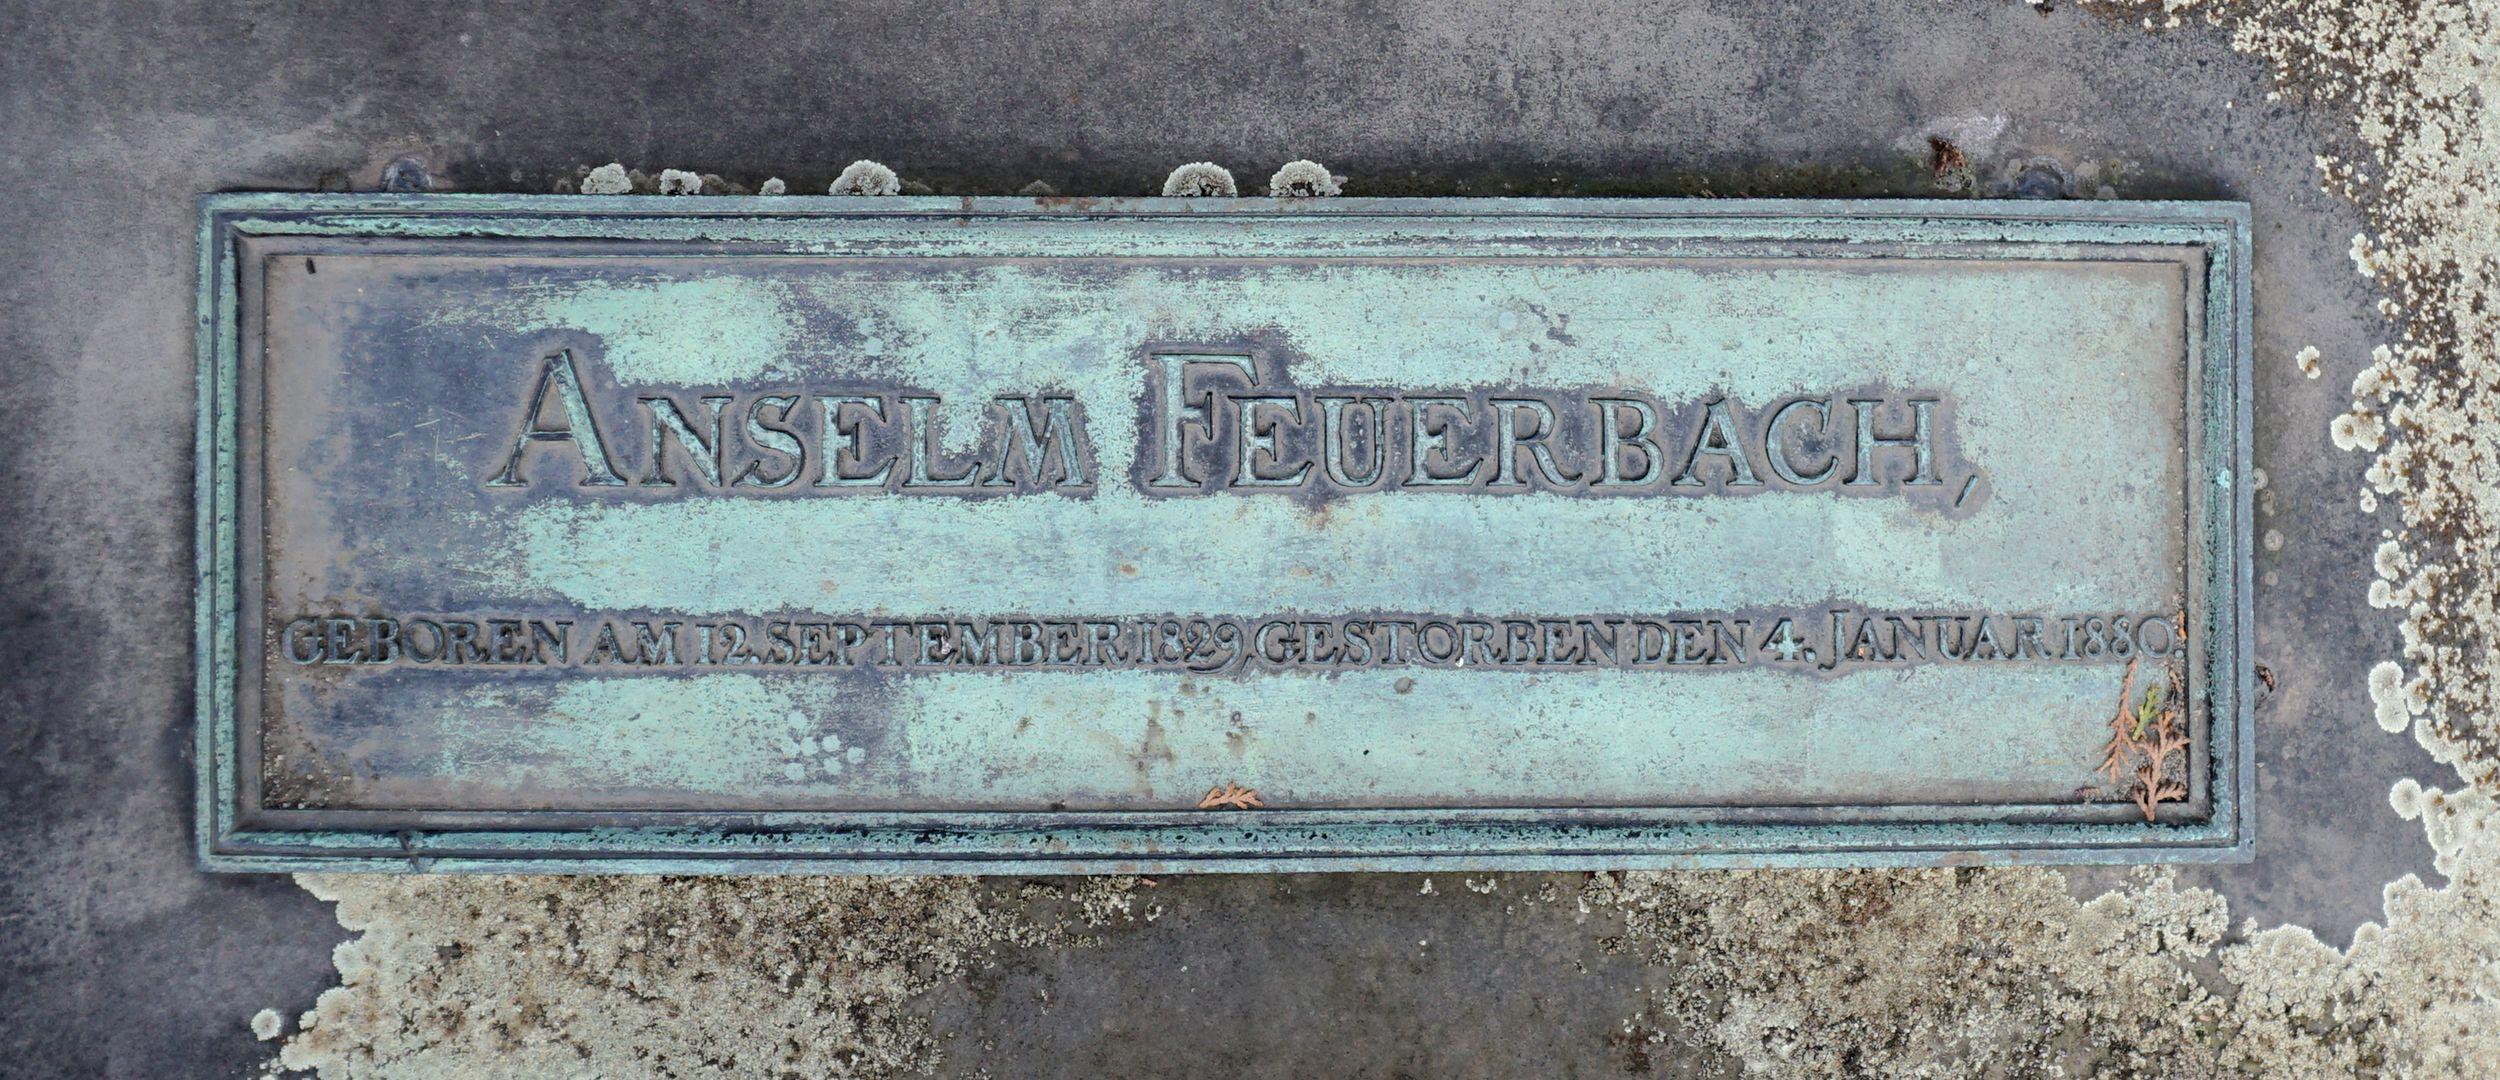 Anselm Feuerbach Grabstätte Inschrift